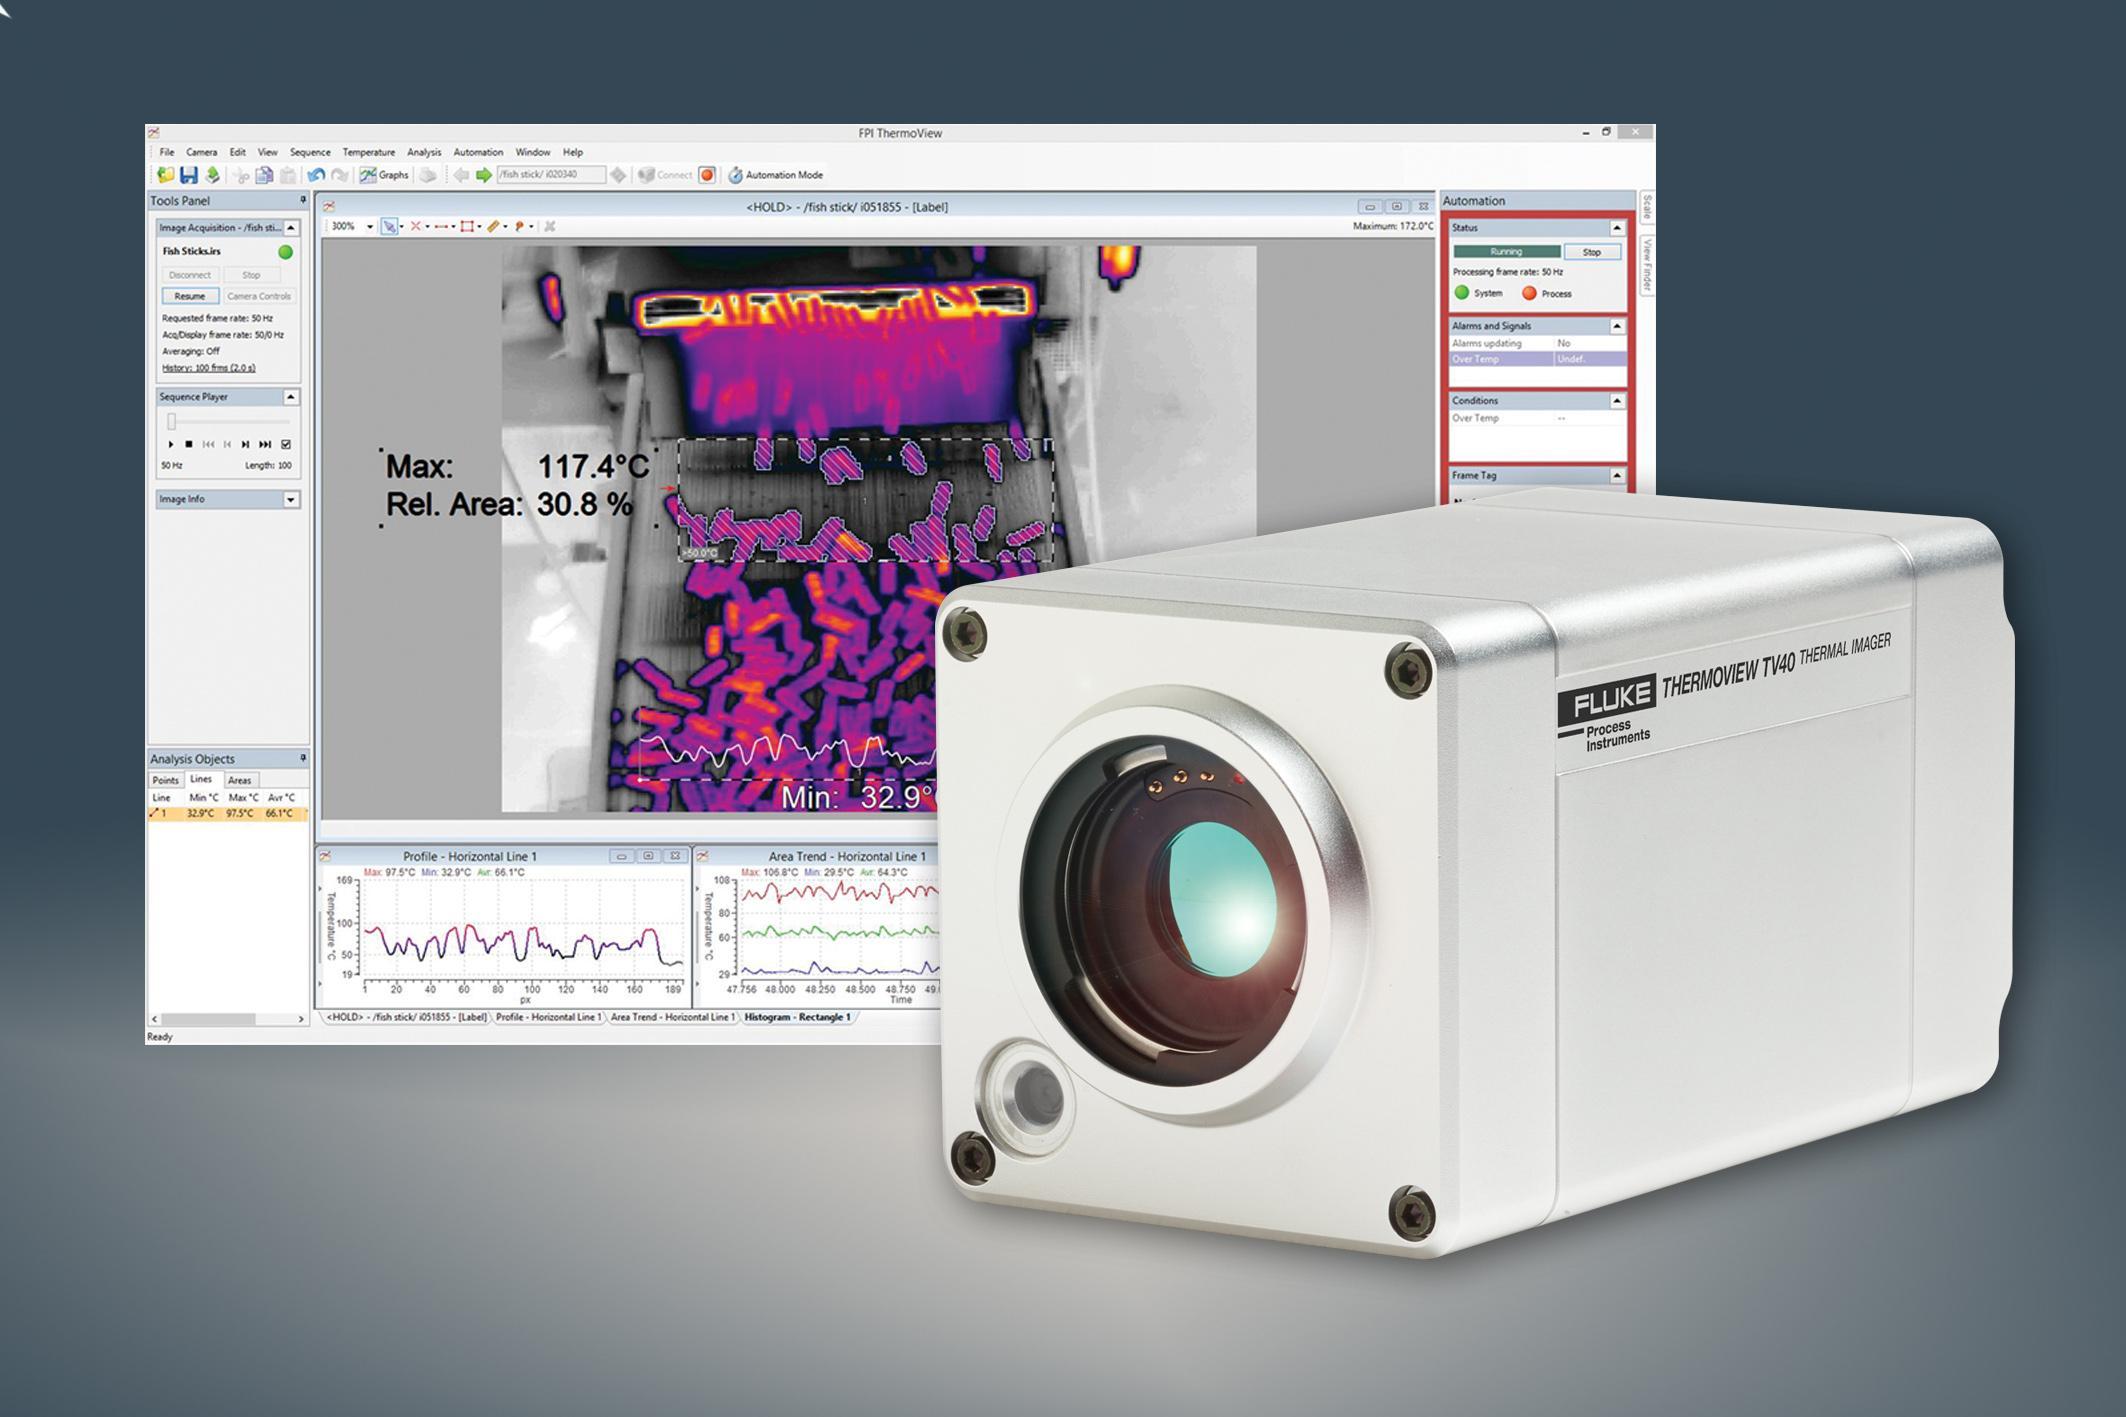 TV40 thermal camera